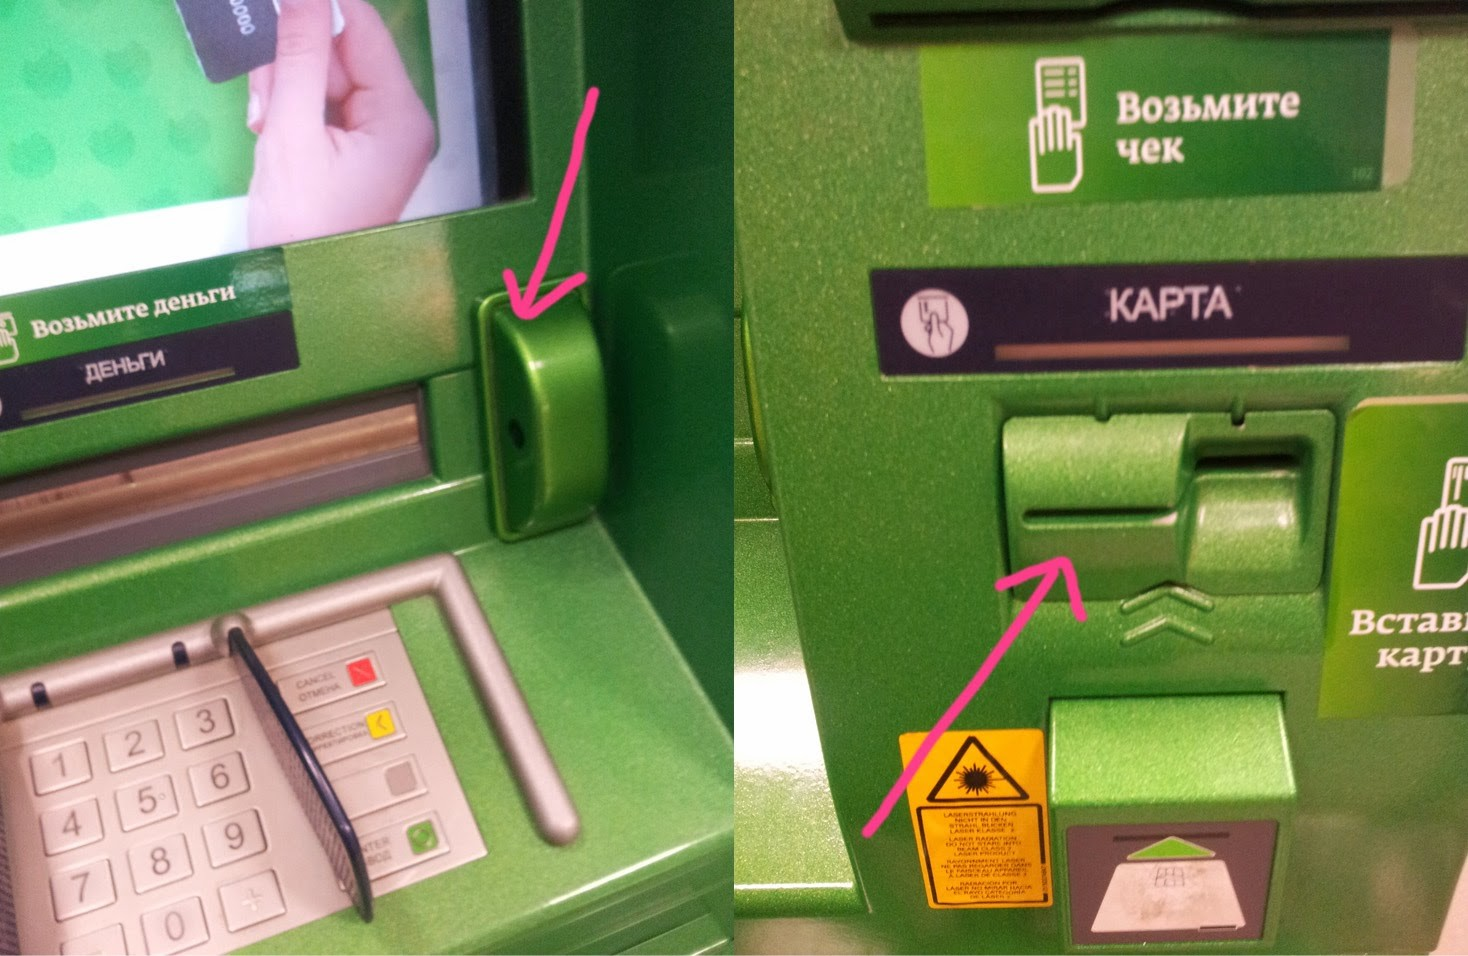 Избанкомата «Альфа-банка» в российской столице украли неменее 40 млн руб. — МВД